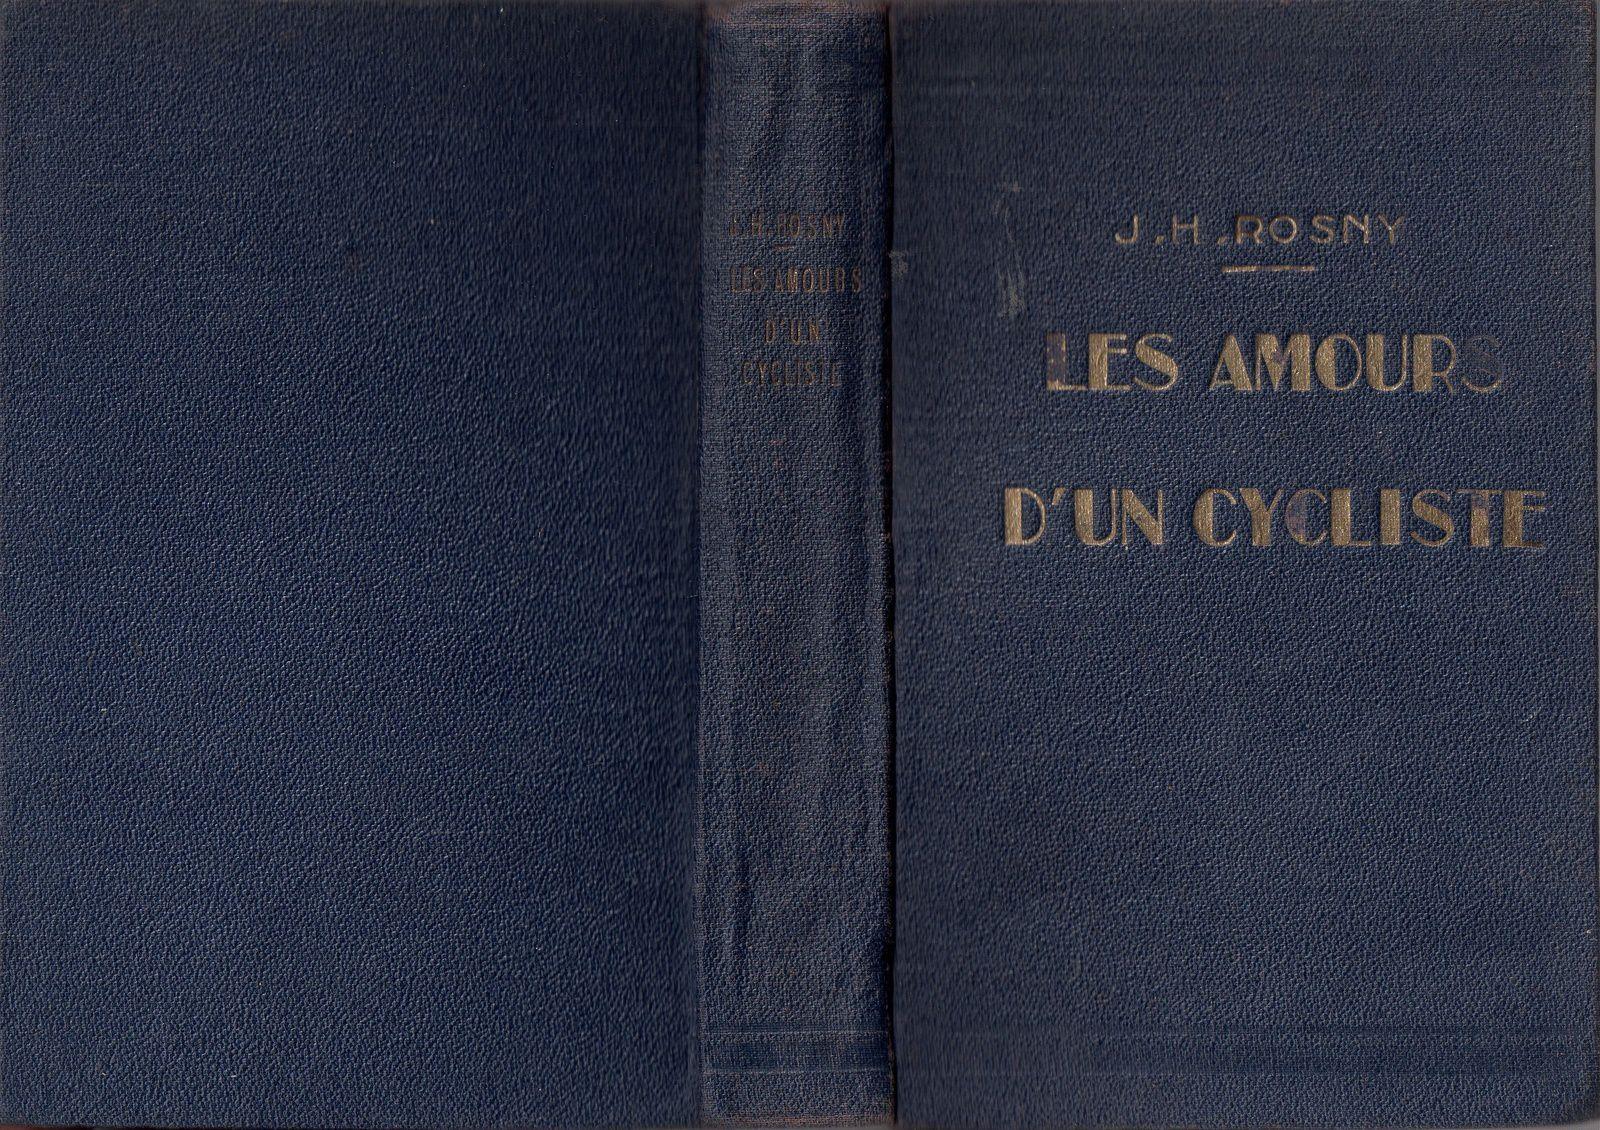 """J.-H. Rosny aîné """"Les Amours d'un cycliste"""" (Plon - s.d.)"""